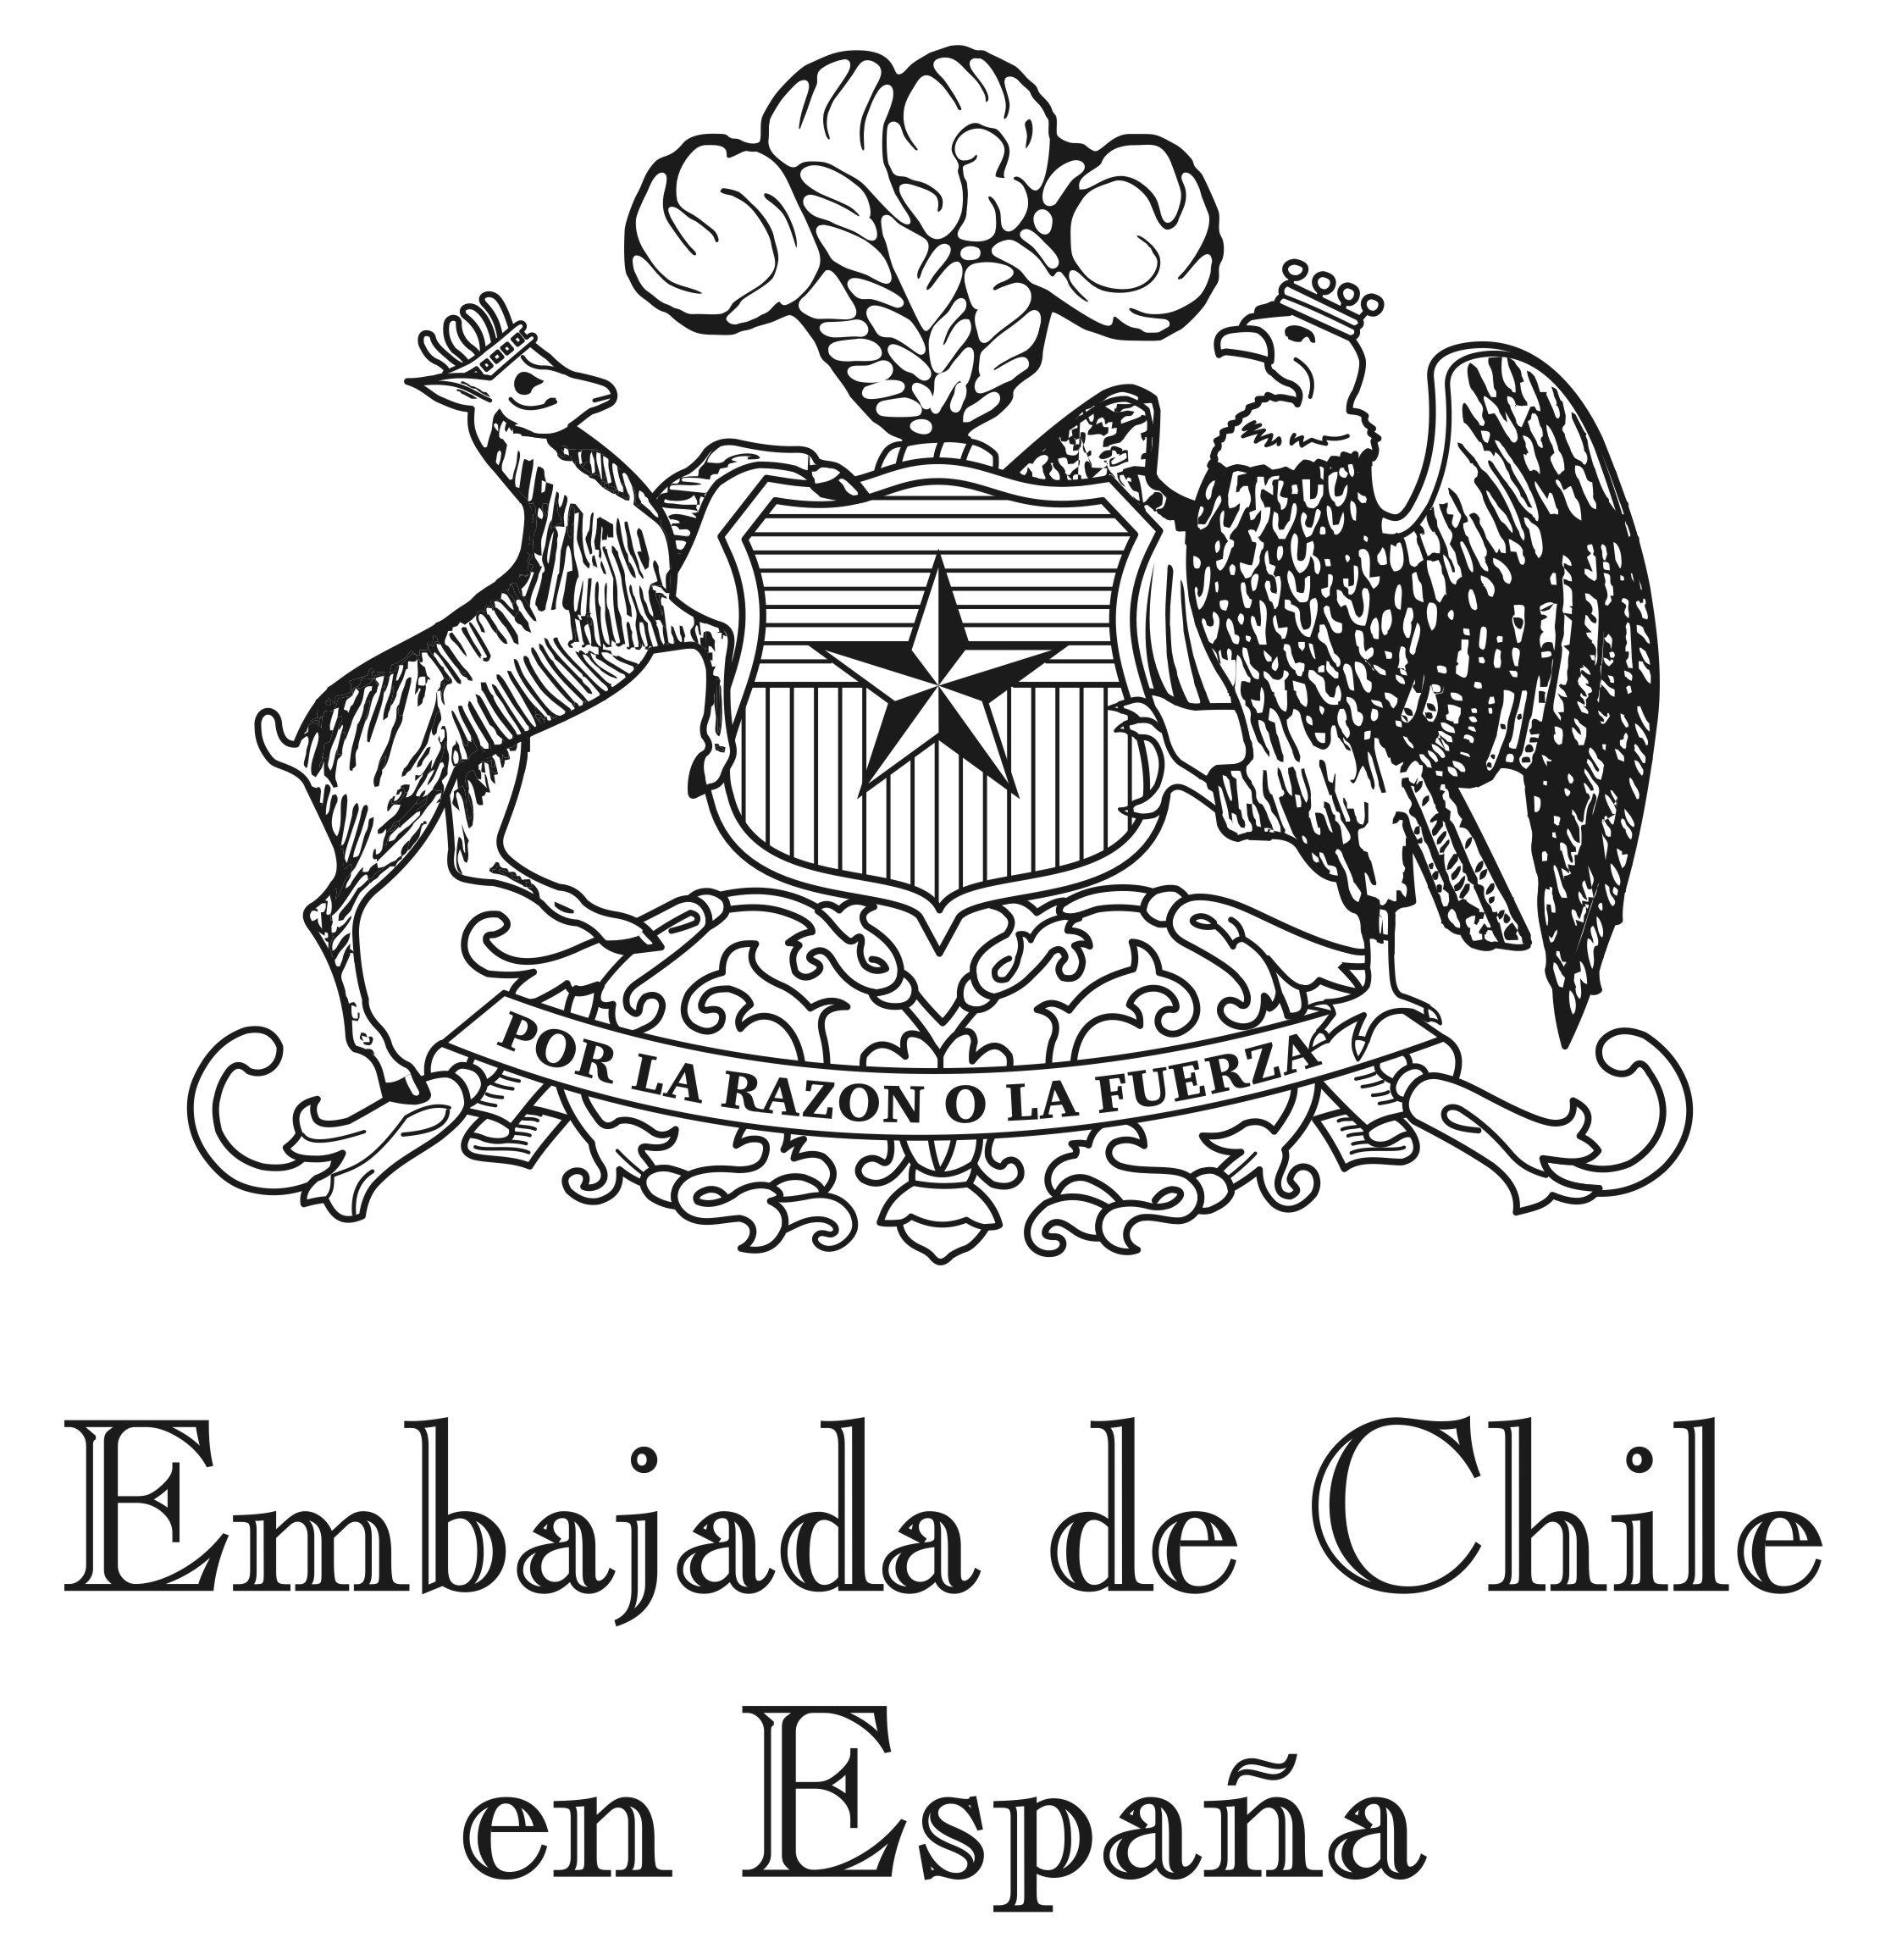 Escudo Chile-Embajada-Espana - Texto 2